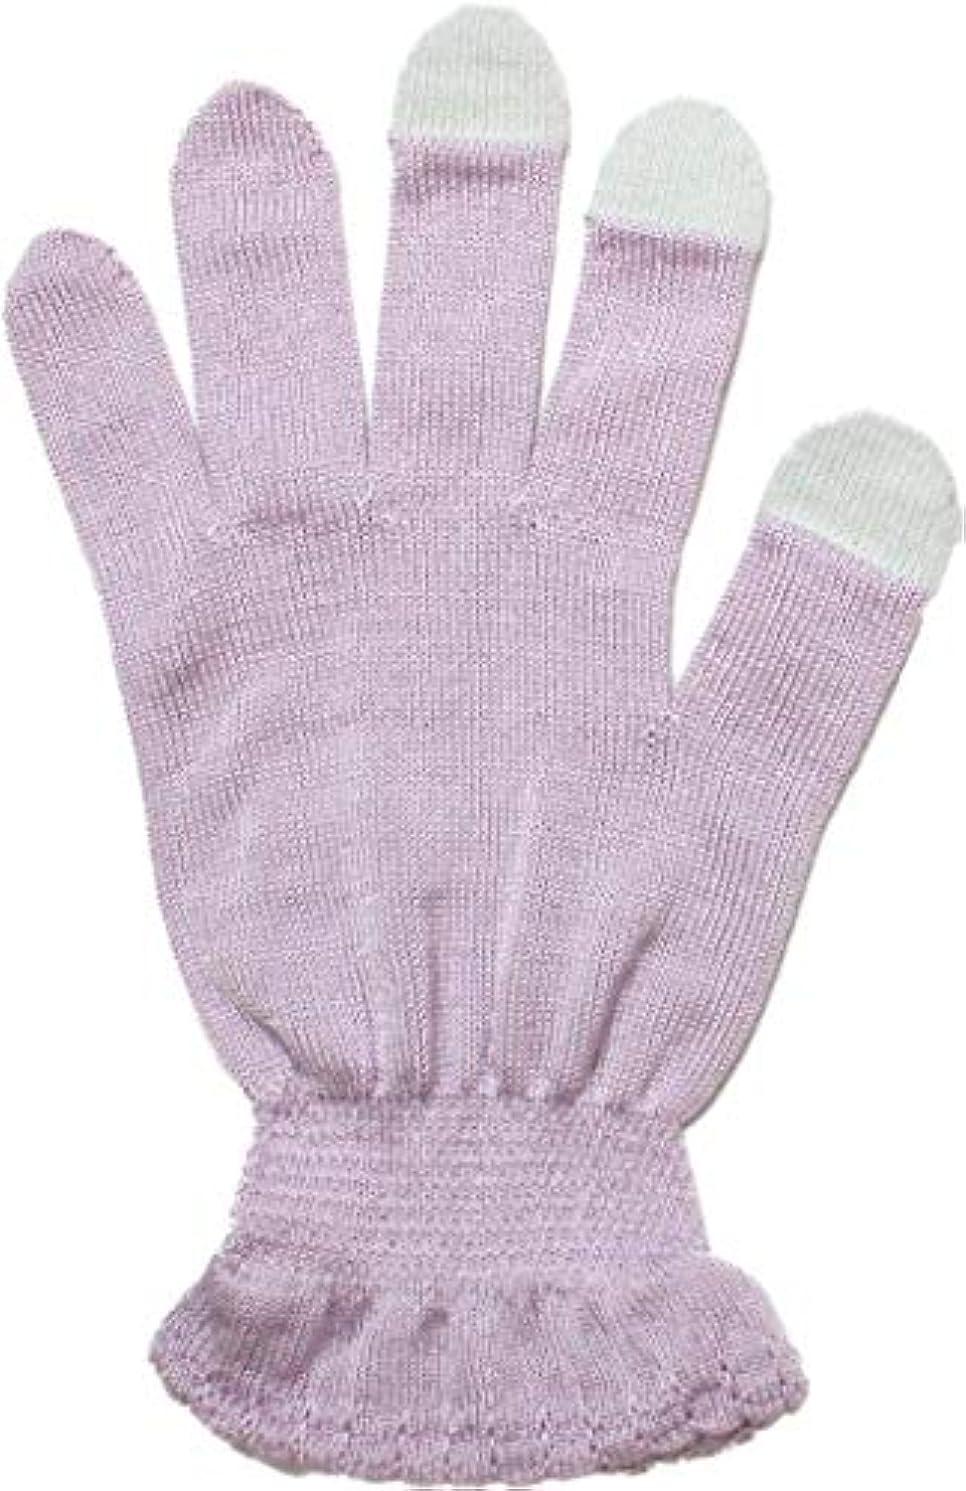 自分を引き上げるそれに応じて願う【婦人シルクハンドケアタッチ対応】おやすみ手袋 うちエコ ハンドケア 保湿 スマホ対応 レディース 日本製 フリーサイズ 手洗いOK シルク繊維使用 本体シルク100% 6677